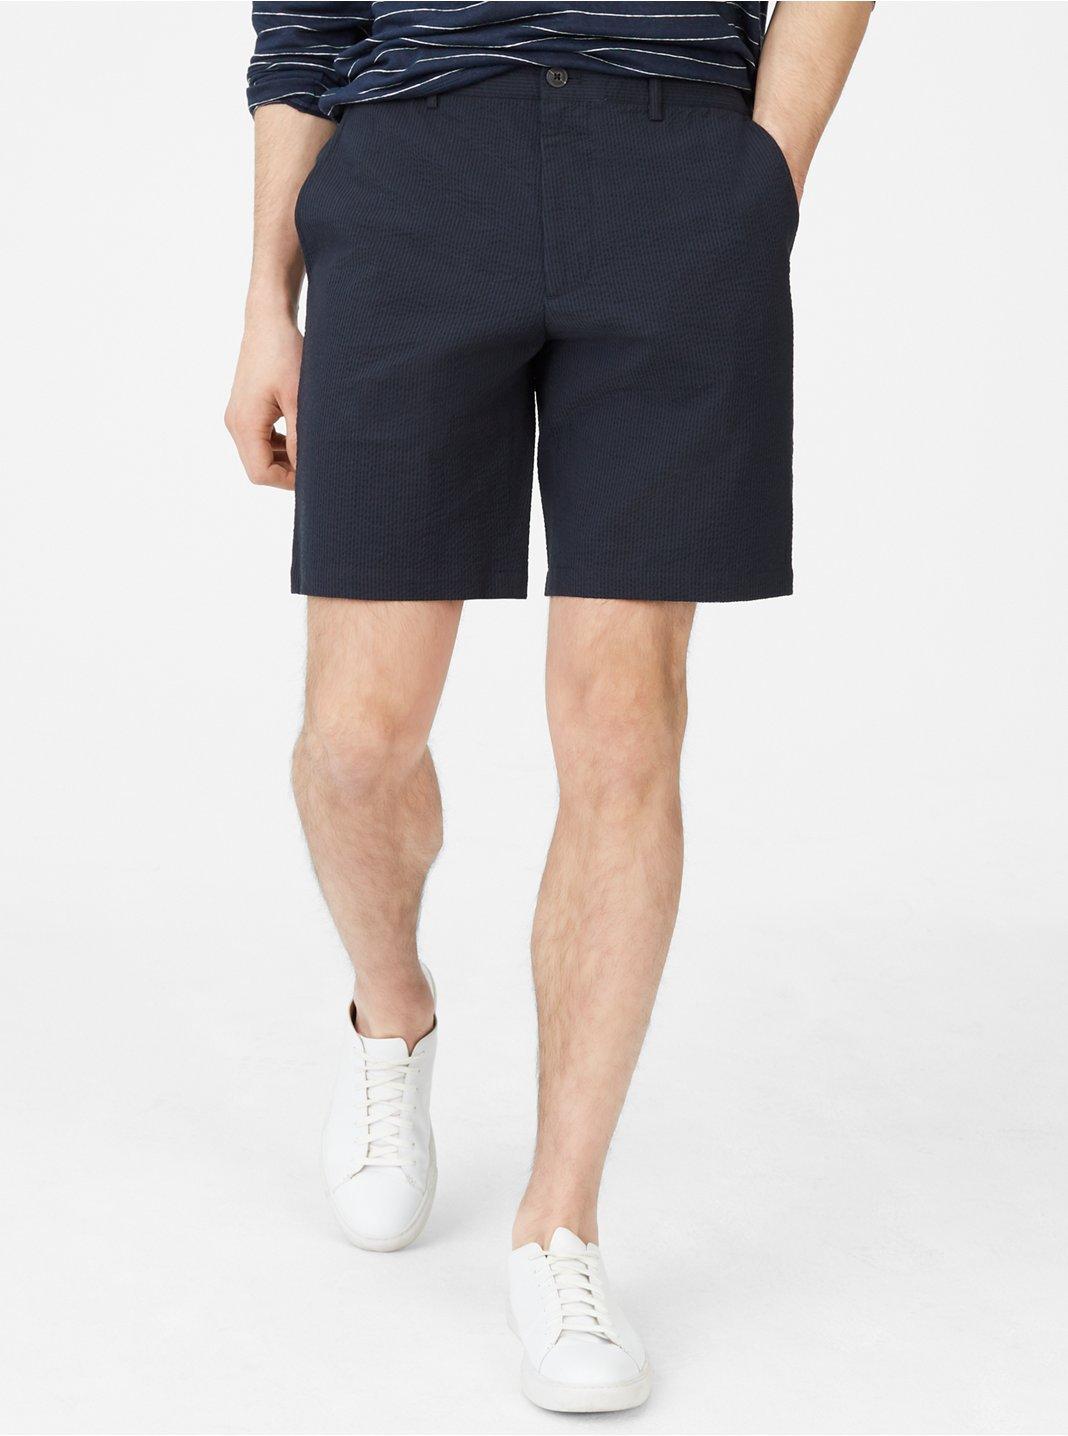 클럽 모나코 맨 Maddox 9 반바지 Club Monaco Maddox 9 Seersucker Short,Navy/Black